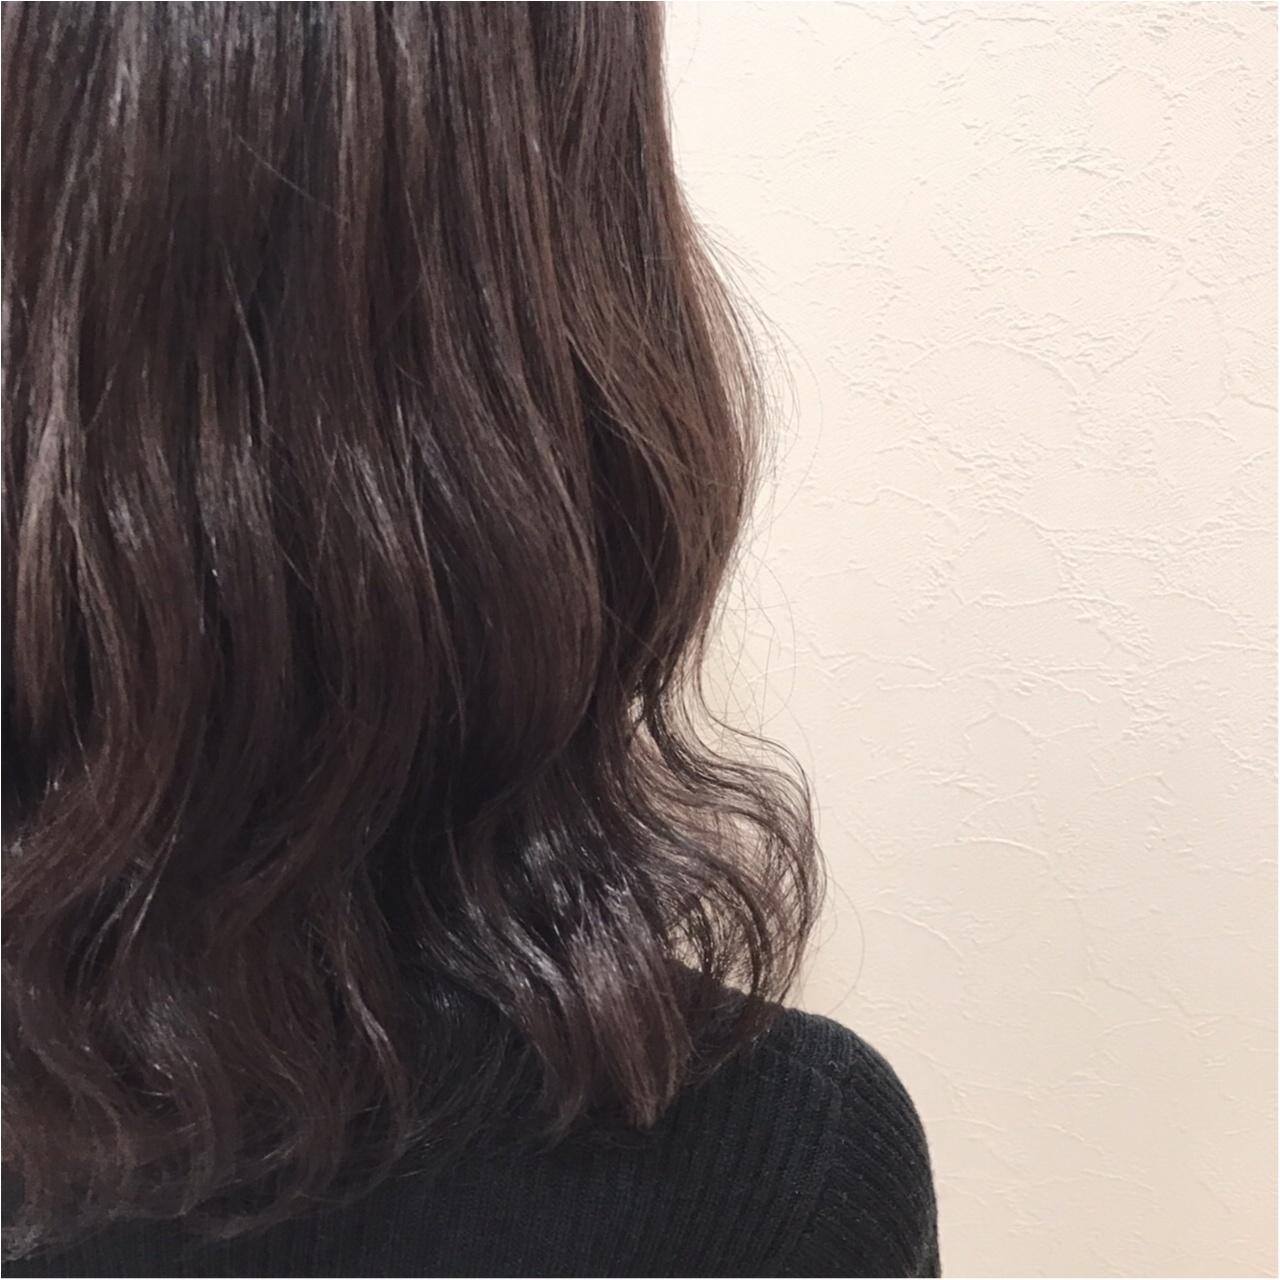 大注目!ヘアカラー【バイオレットアッシュ】女性らしい艶と透明感がハンパない♡♡_11